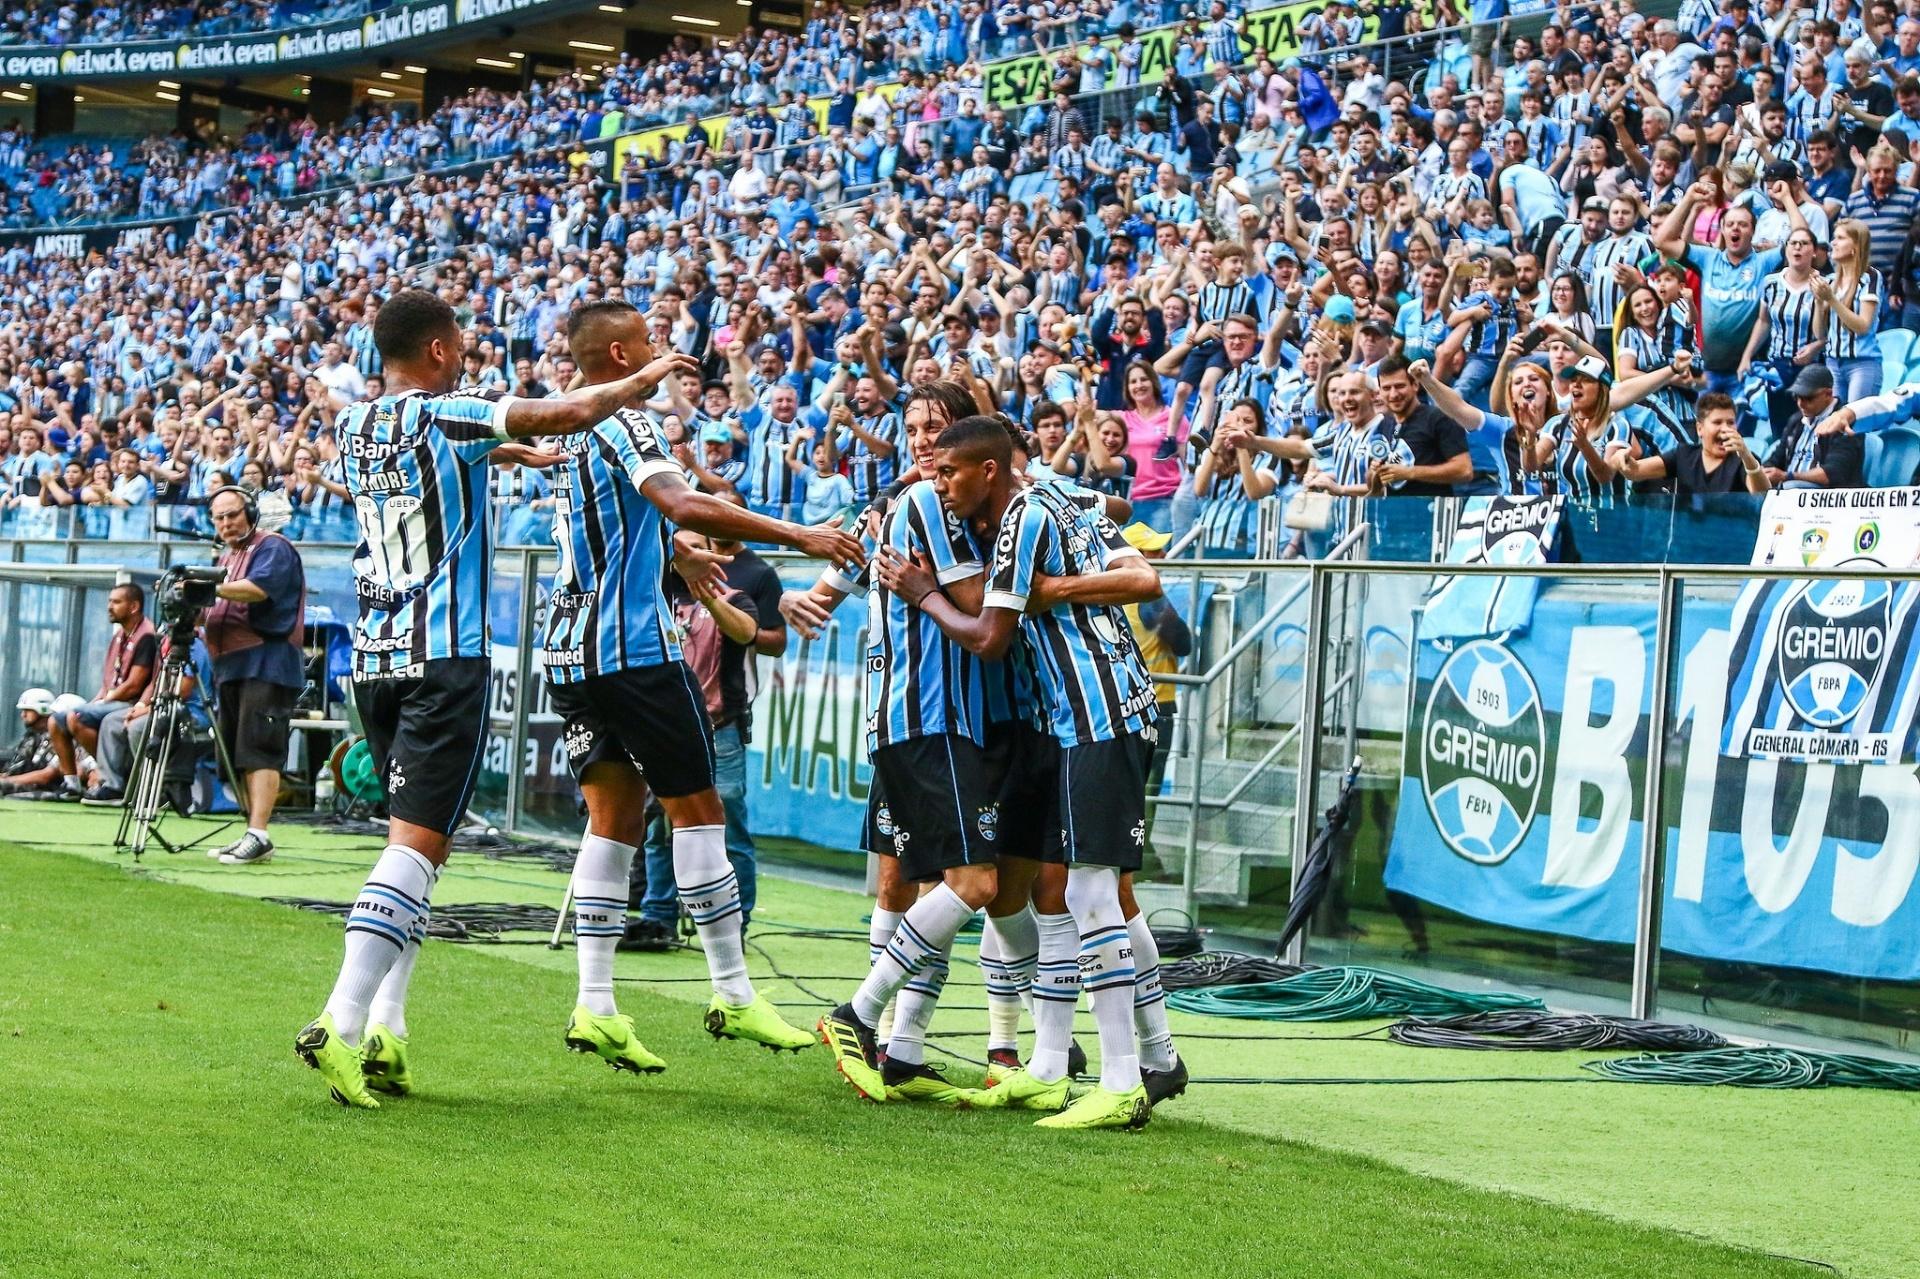 Gols da rodada  SP e Grêmio acirram luta por vaga direta na Libertadores -  18 11 2018 - UOL Esporte b400aeca5e13e